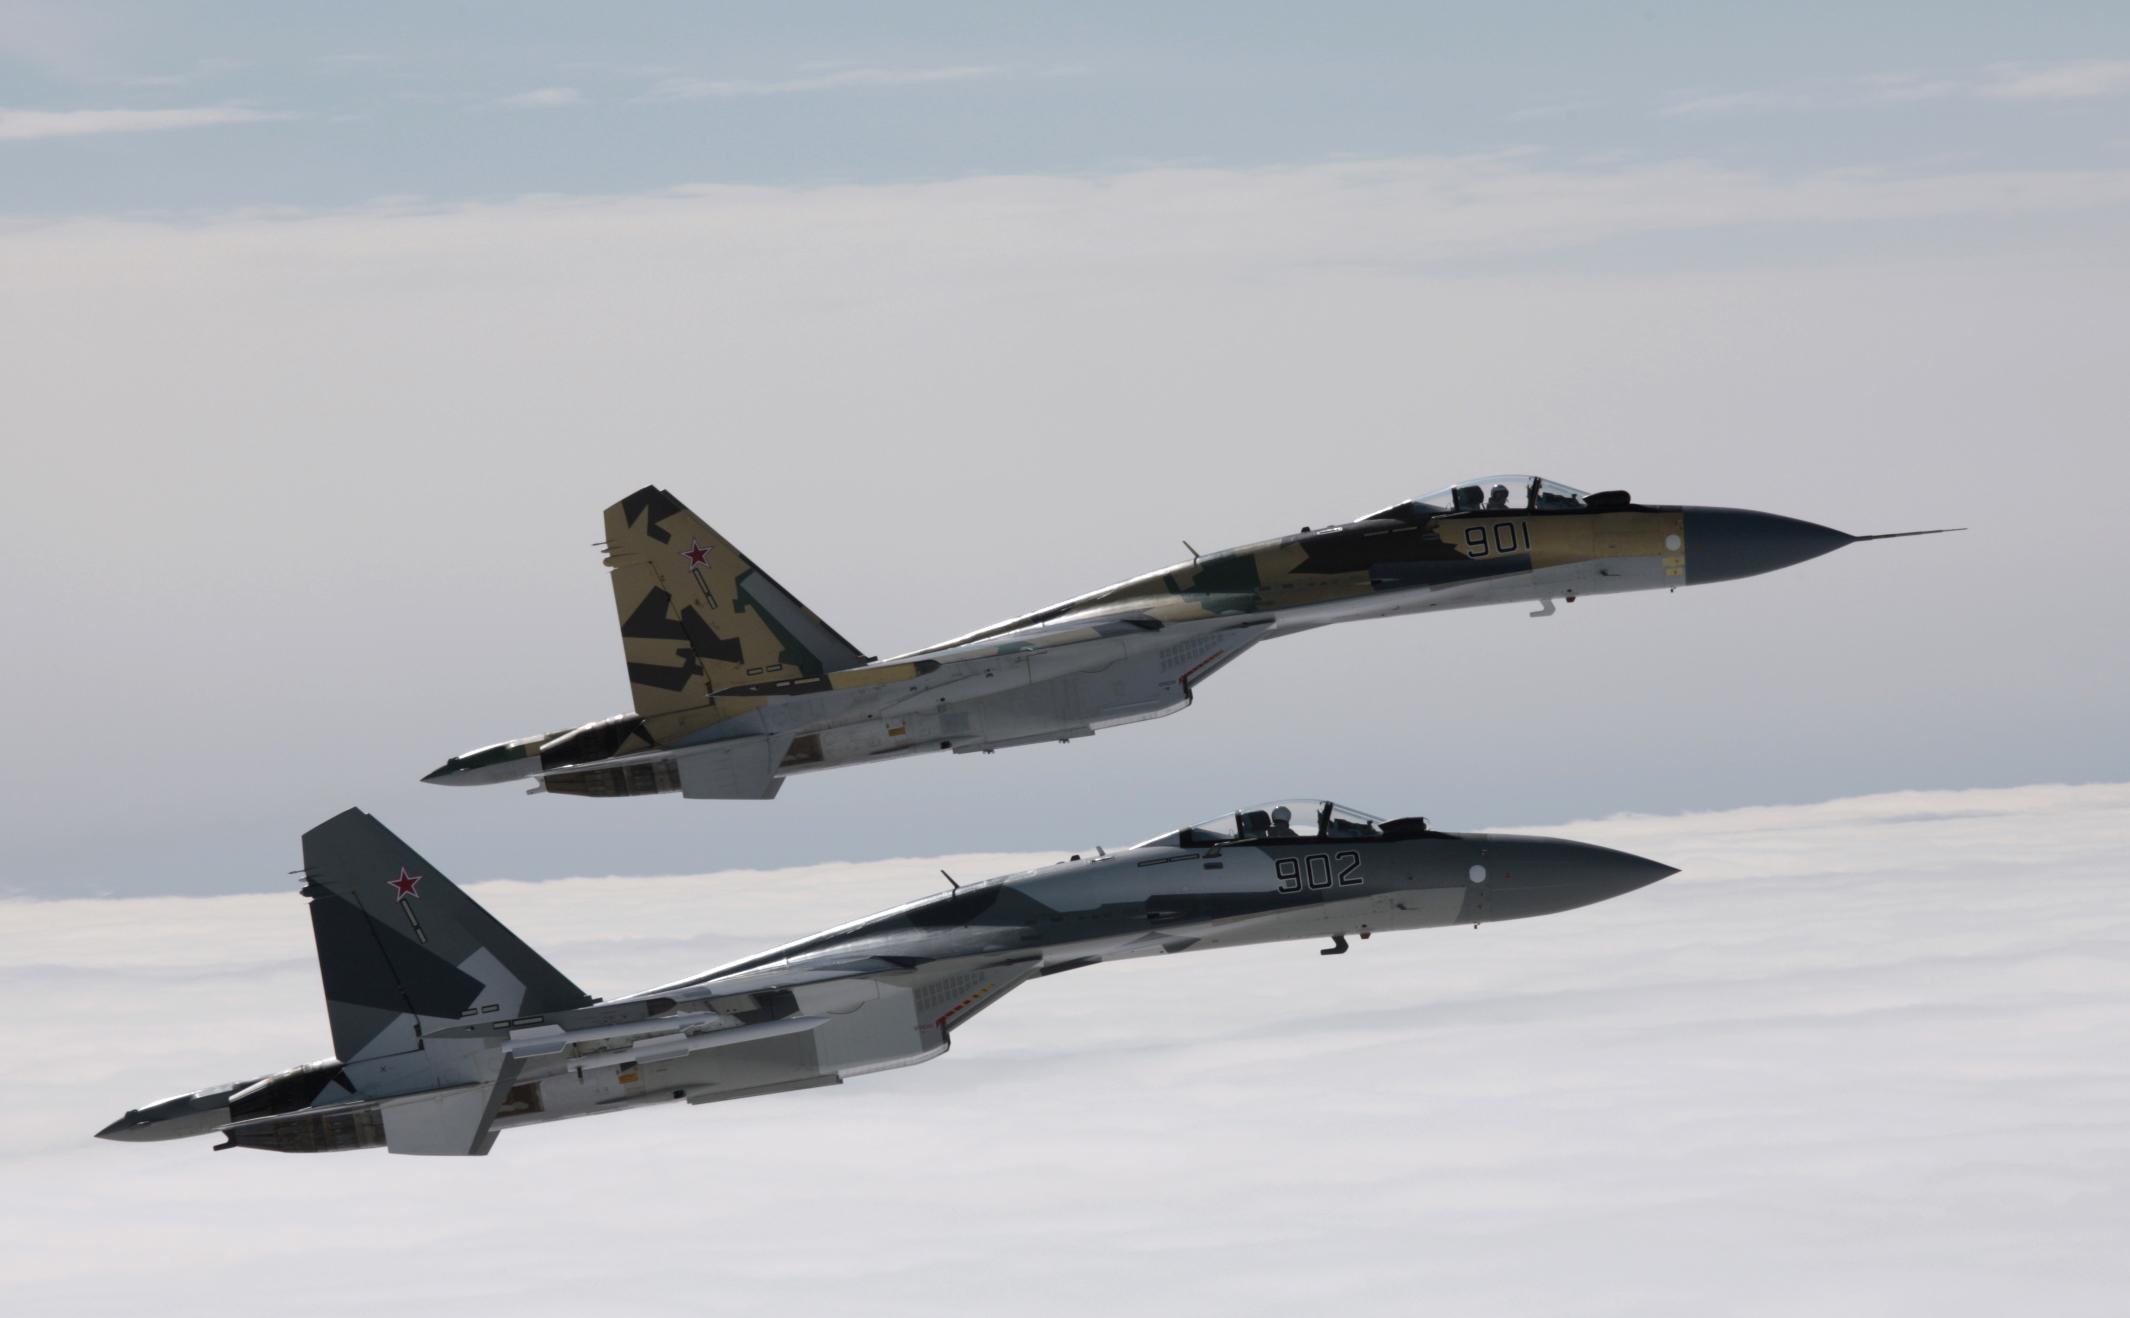 Обои многоцелевой, двухместный, Су-30м2, истребитель. Авиация foto 19